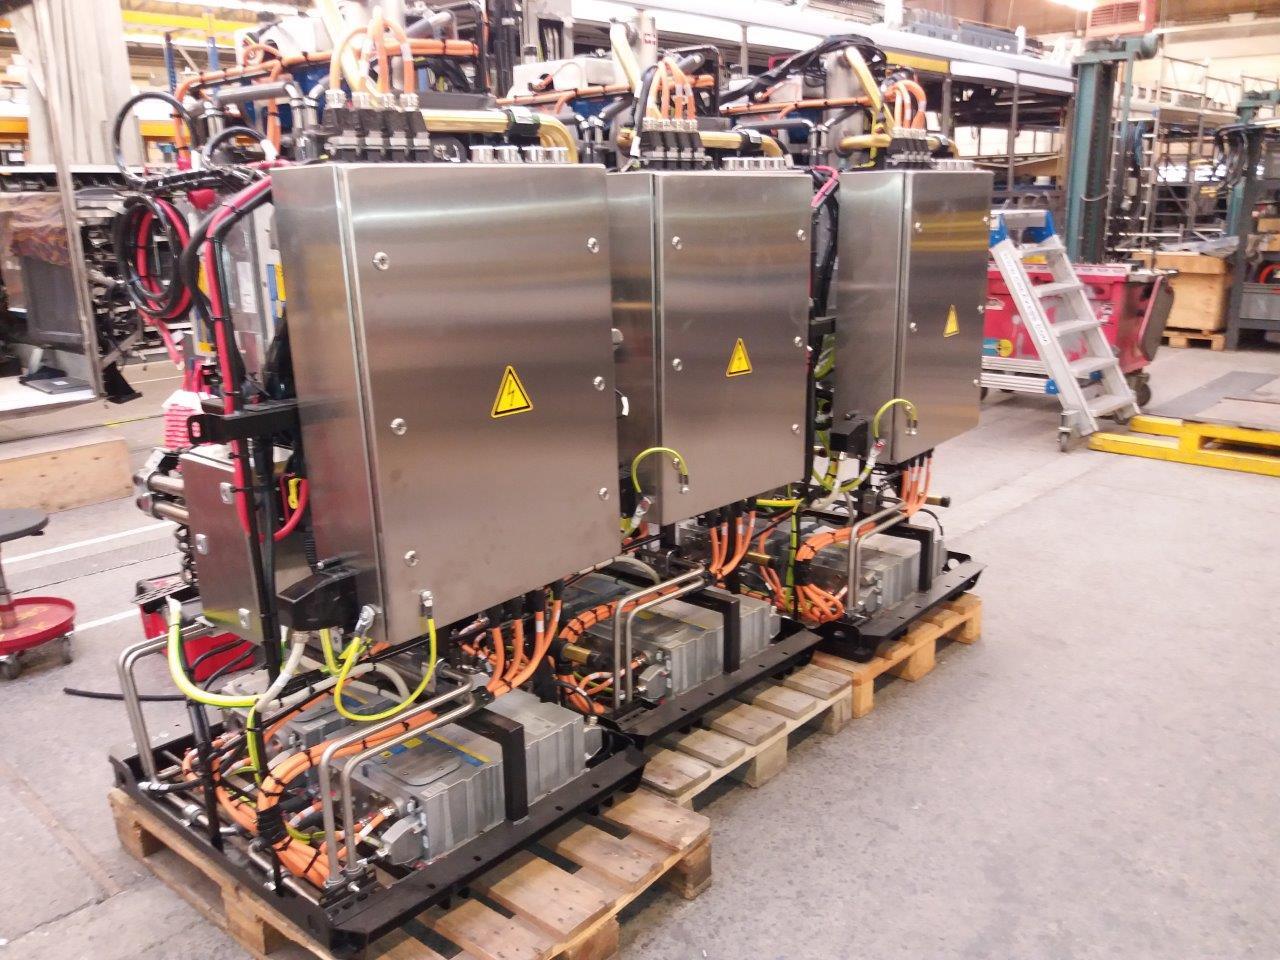 Randapparatuur die nog moet worden ingebouwd in de elektrische bus